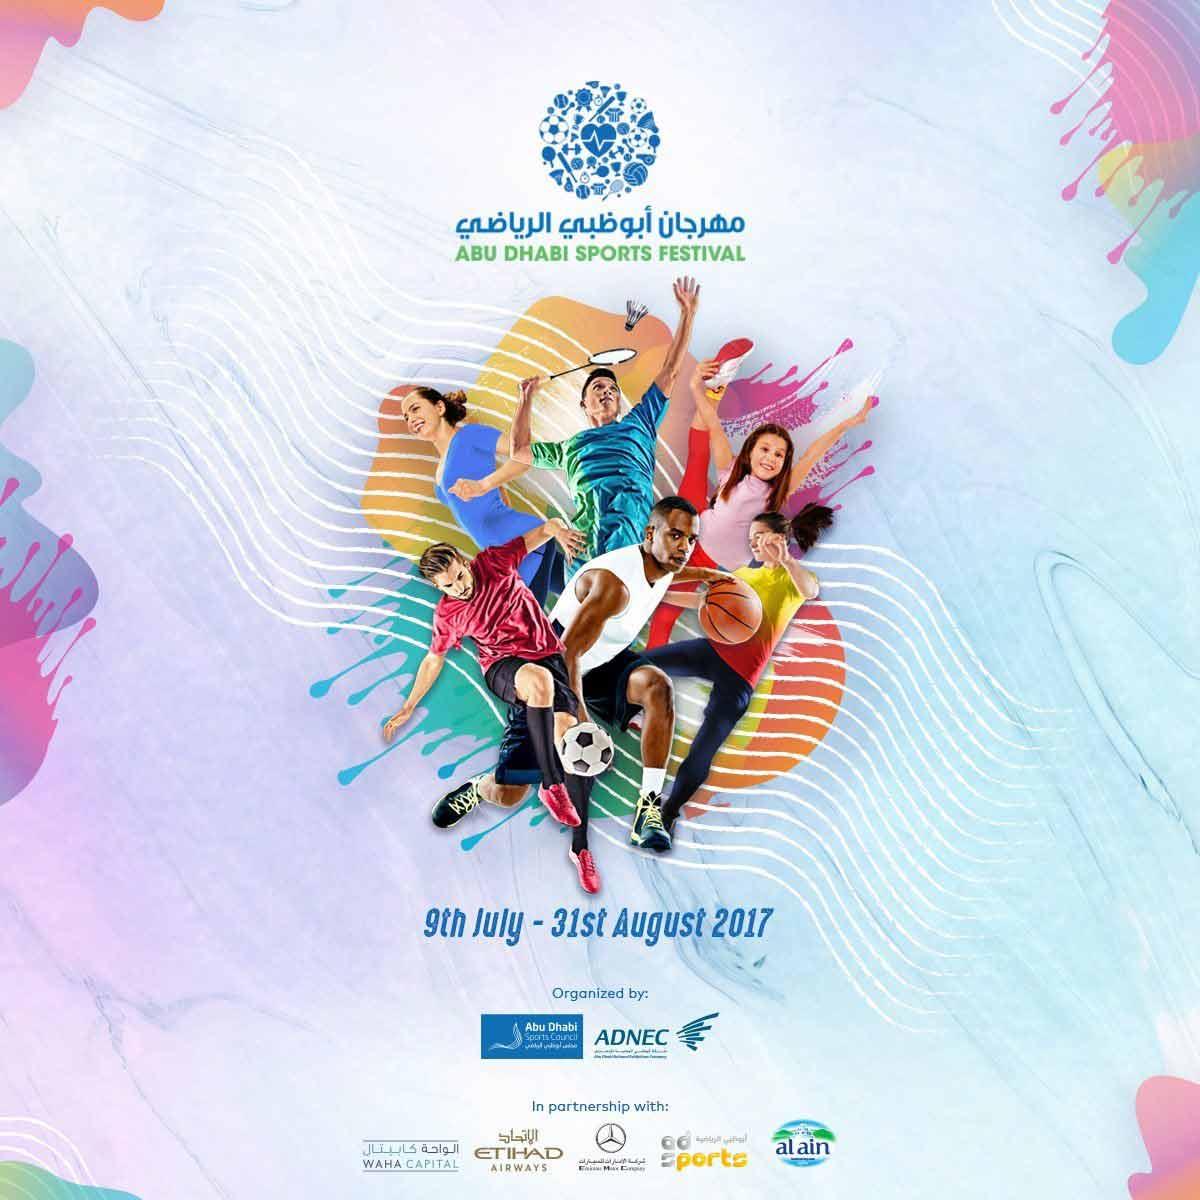 Abu Dhabi Sports Festival